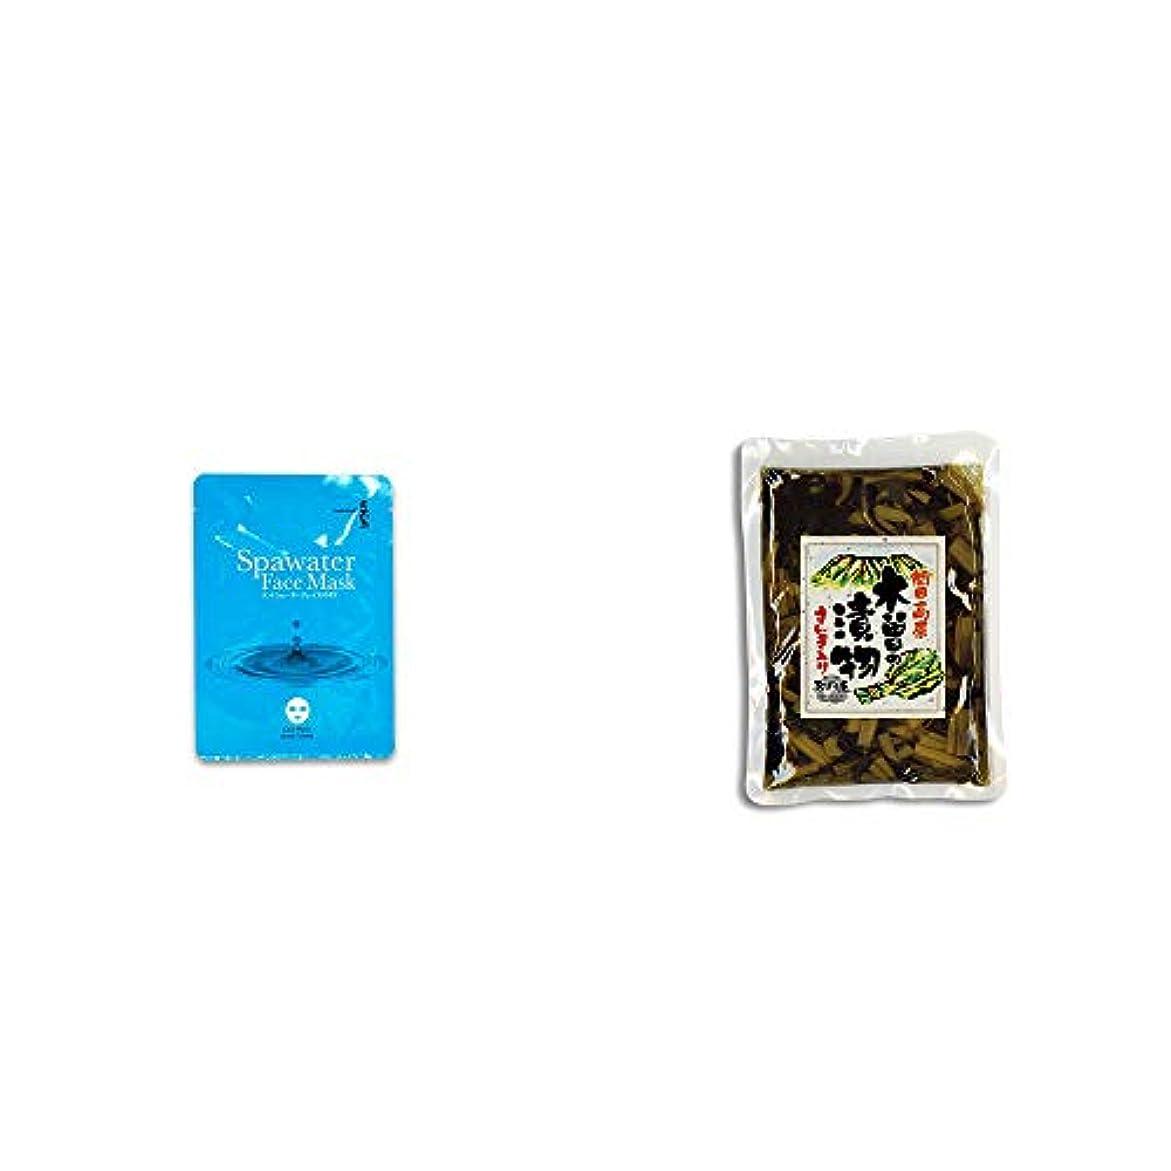 何でも物足りない検閲[2点セット] ひのき炭黒泉 スパウォーターフェイスマスク(18ml×3枚入)?【年中販売】木曽の漬物 すんき入り(200g) / すんき漬け味付加工品 //